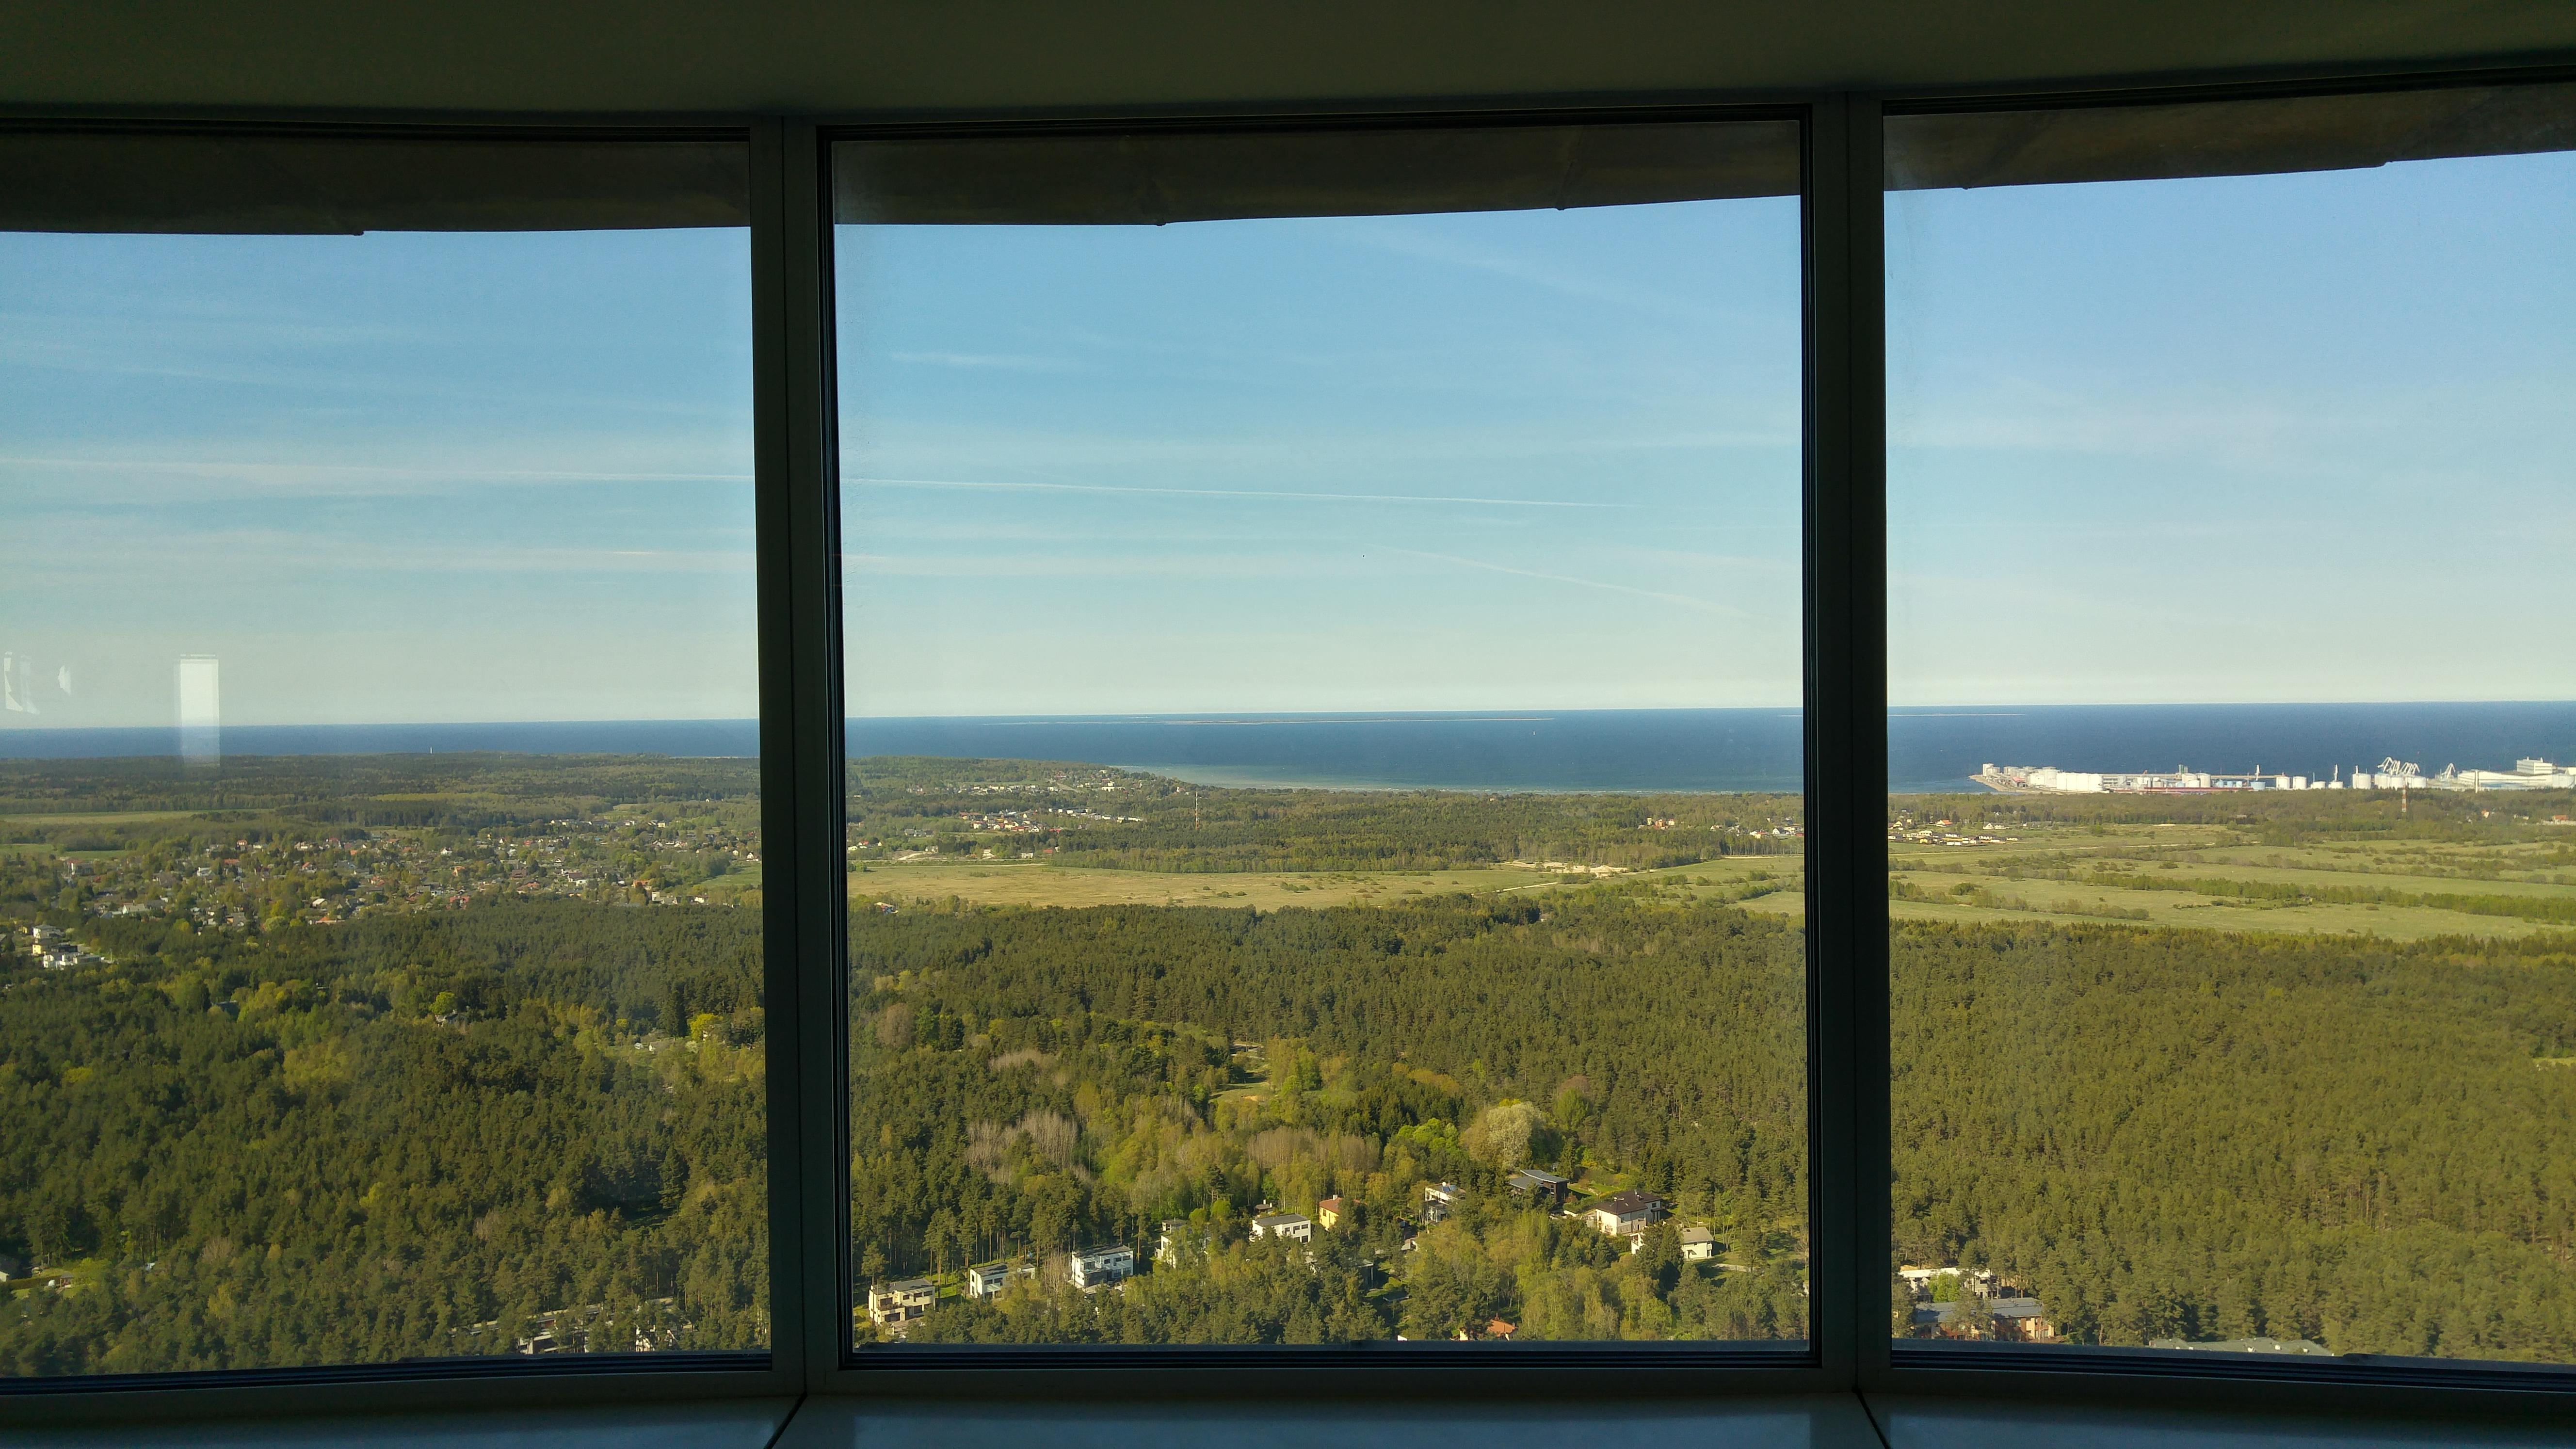 torre televisione tallin estonia